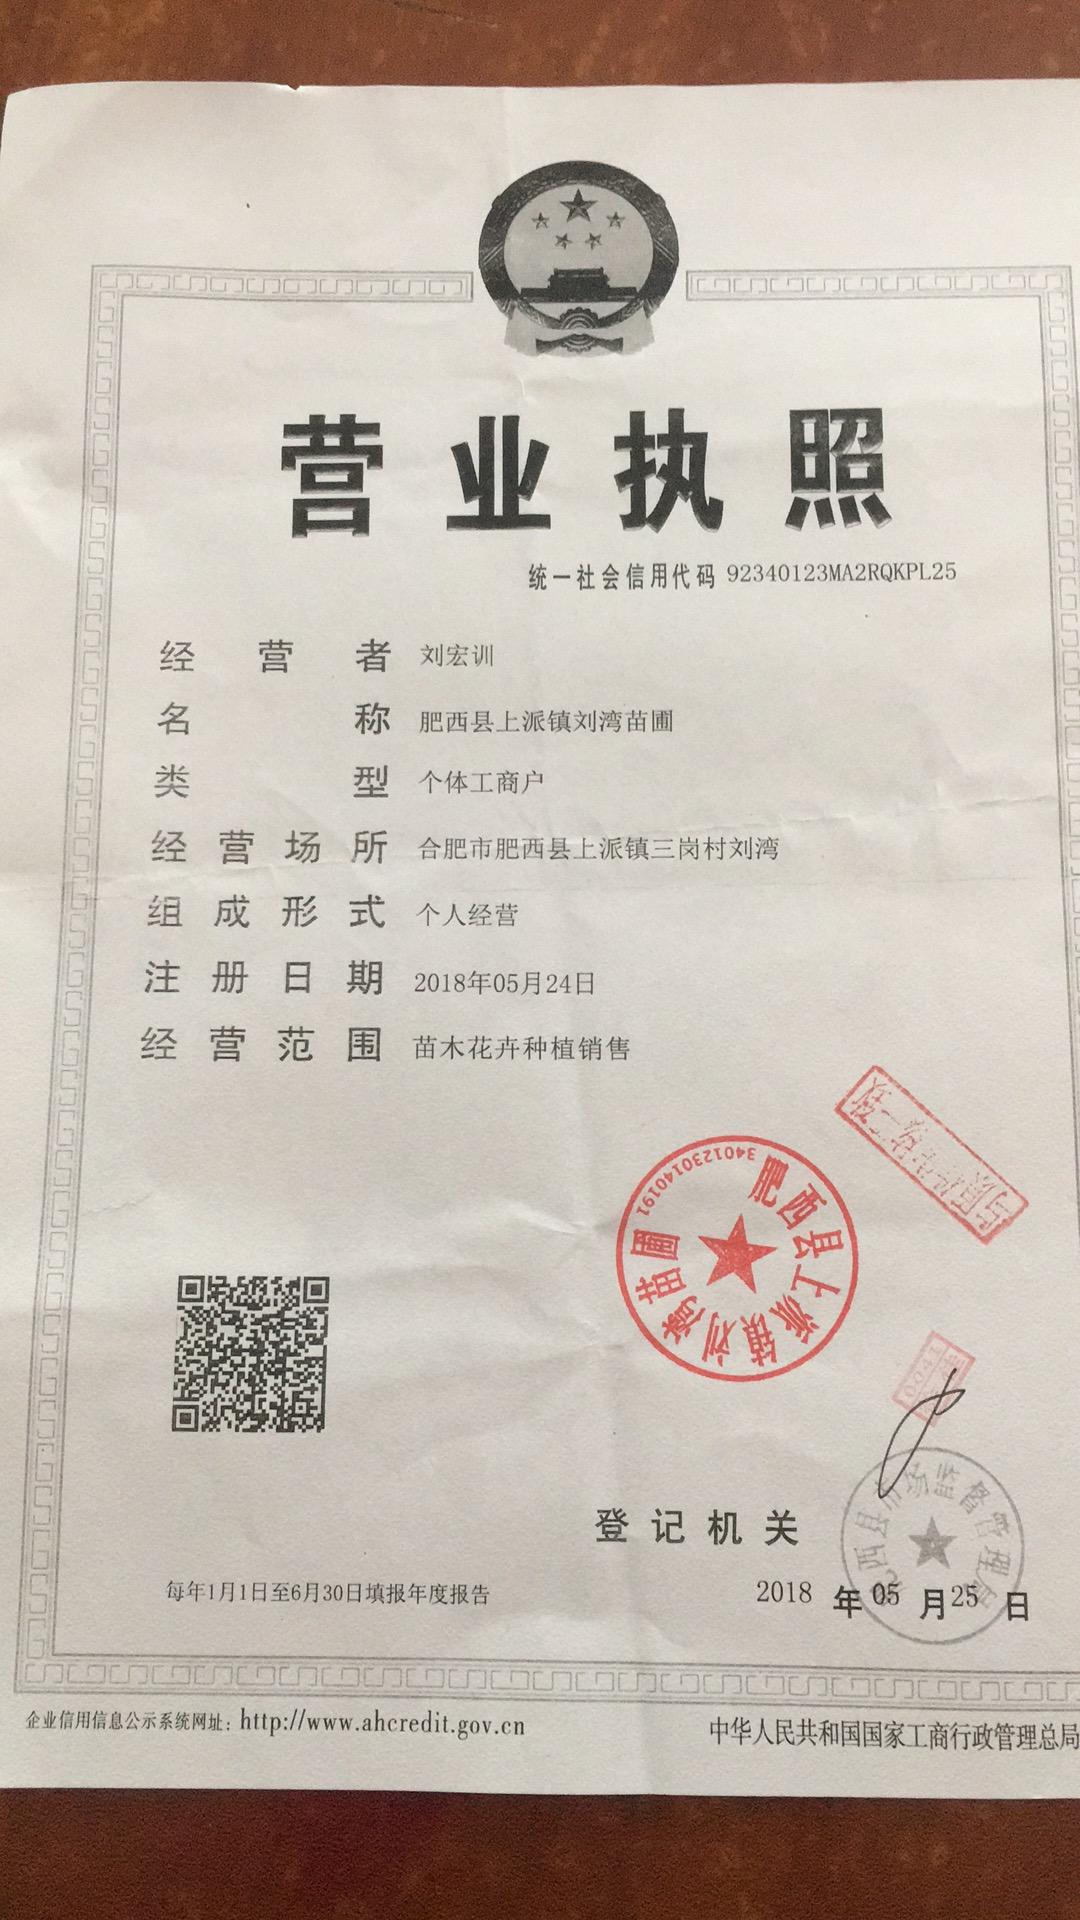 肥西县上派镇刘湾苗圃